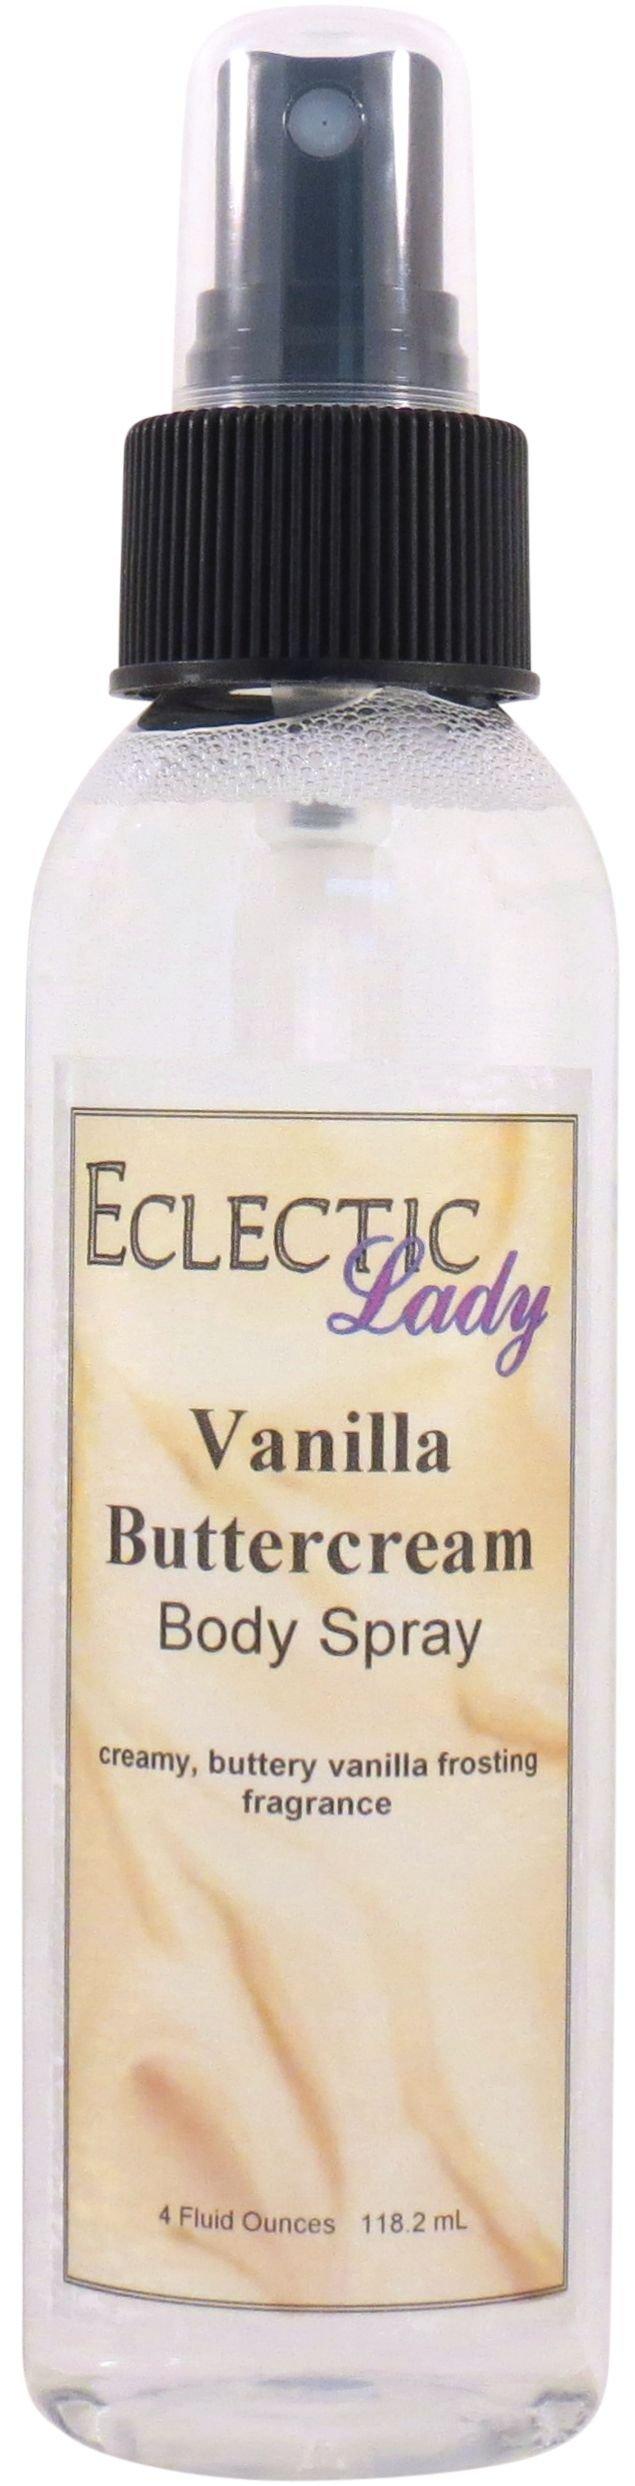 Vanilla Buttercream Body Spray, 4 ounces